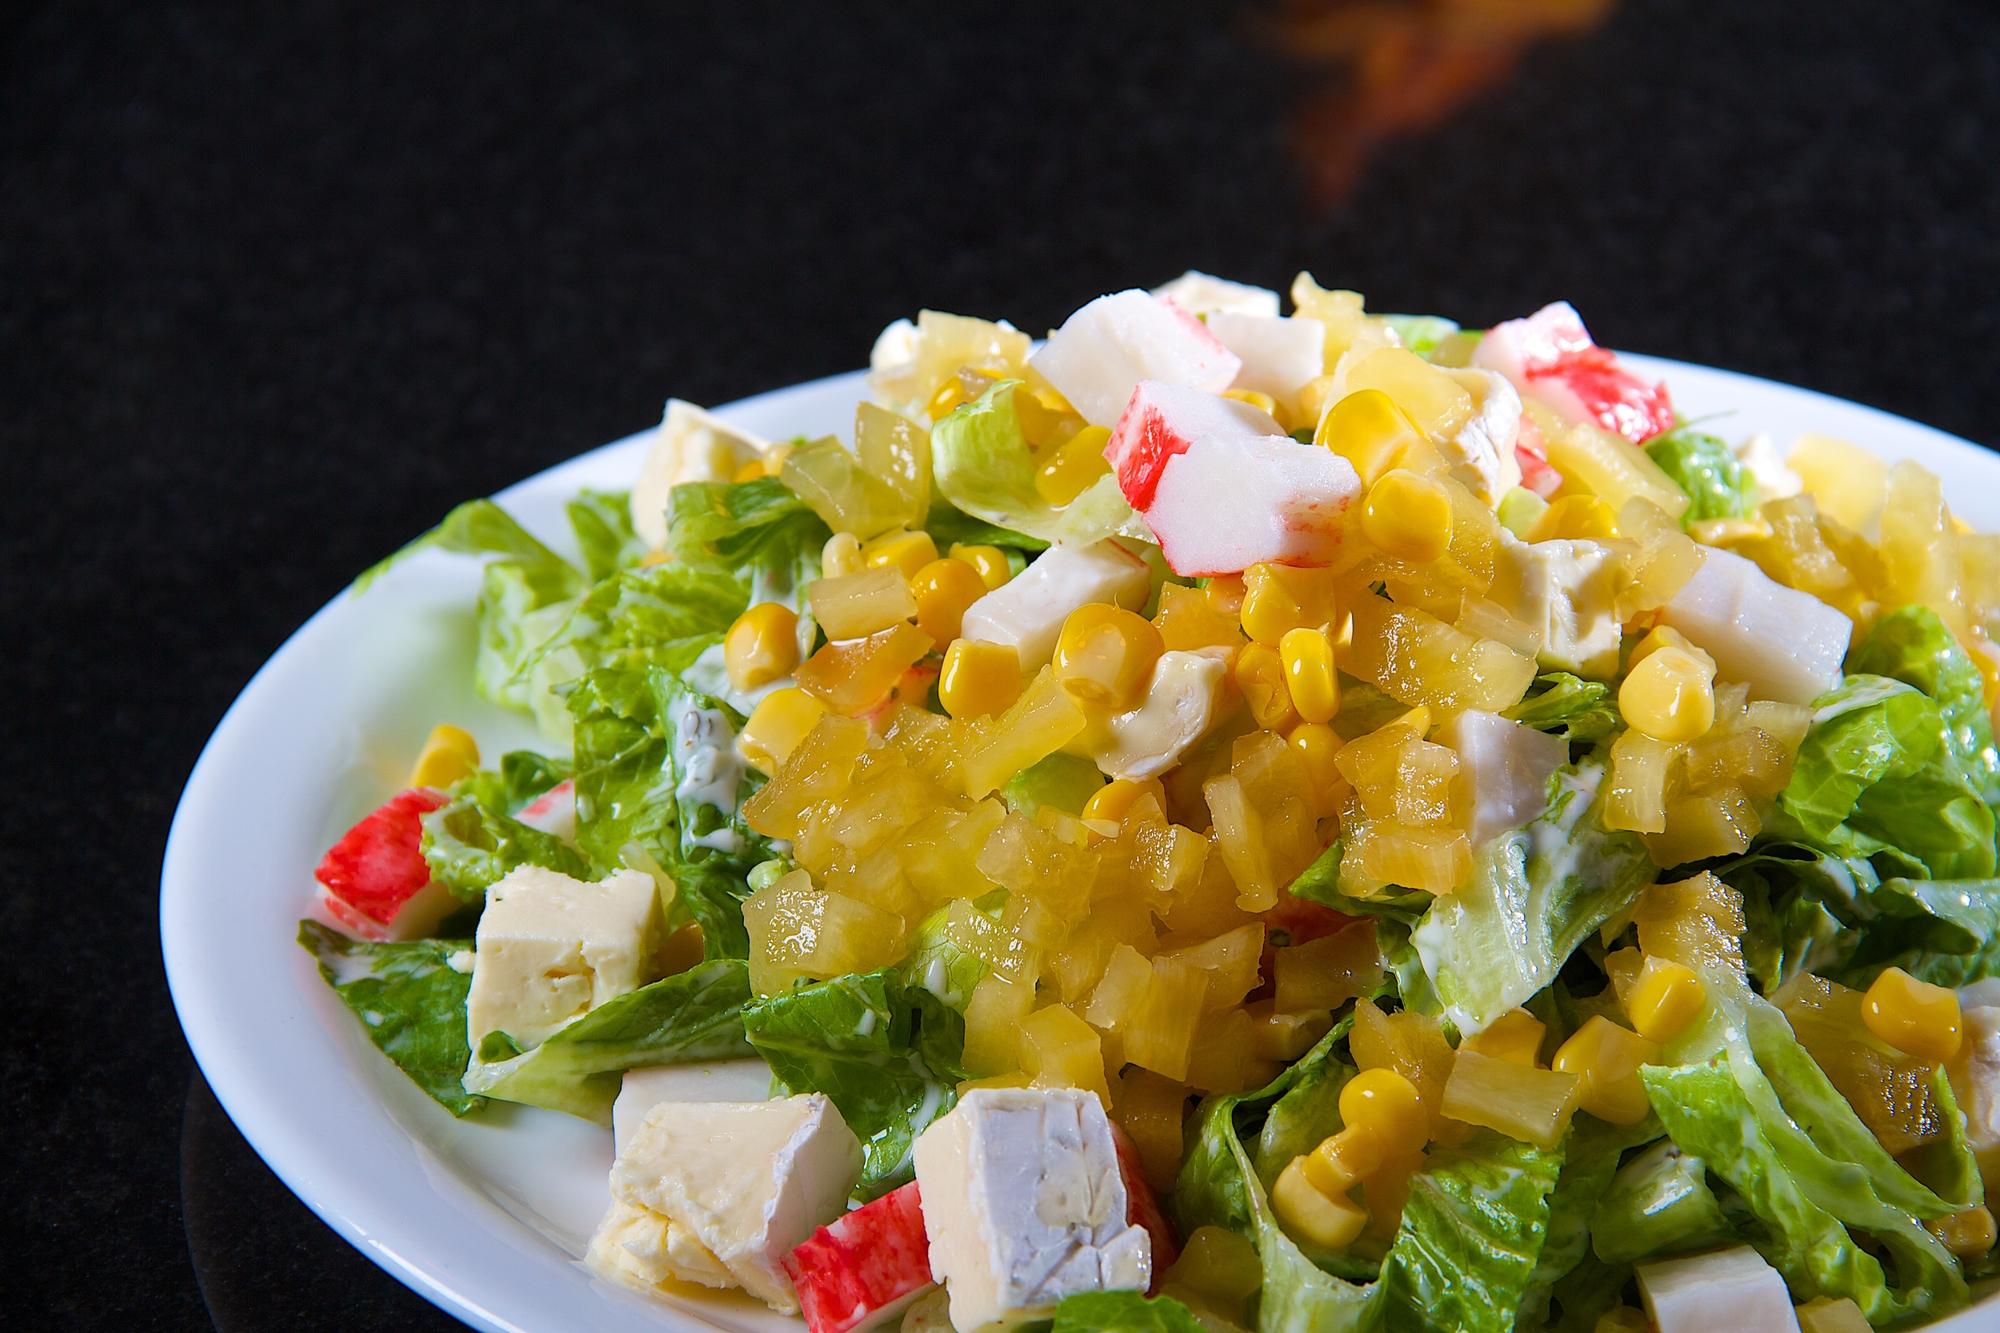 Аппетитный ананасовый салат с крабовыми палочками и сыром фетой